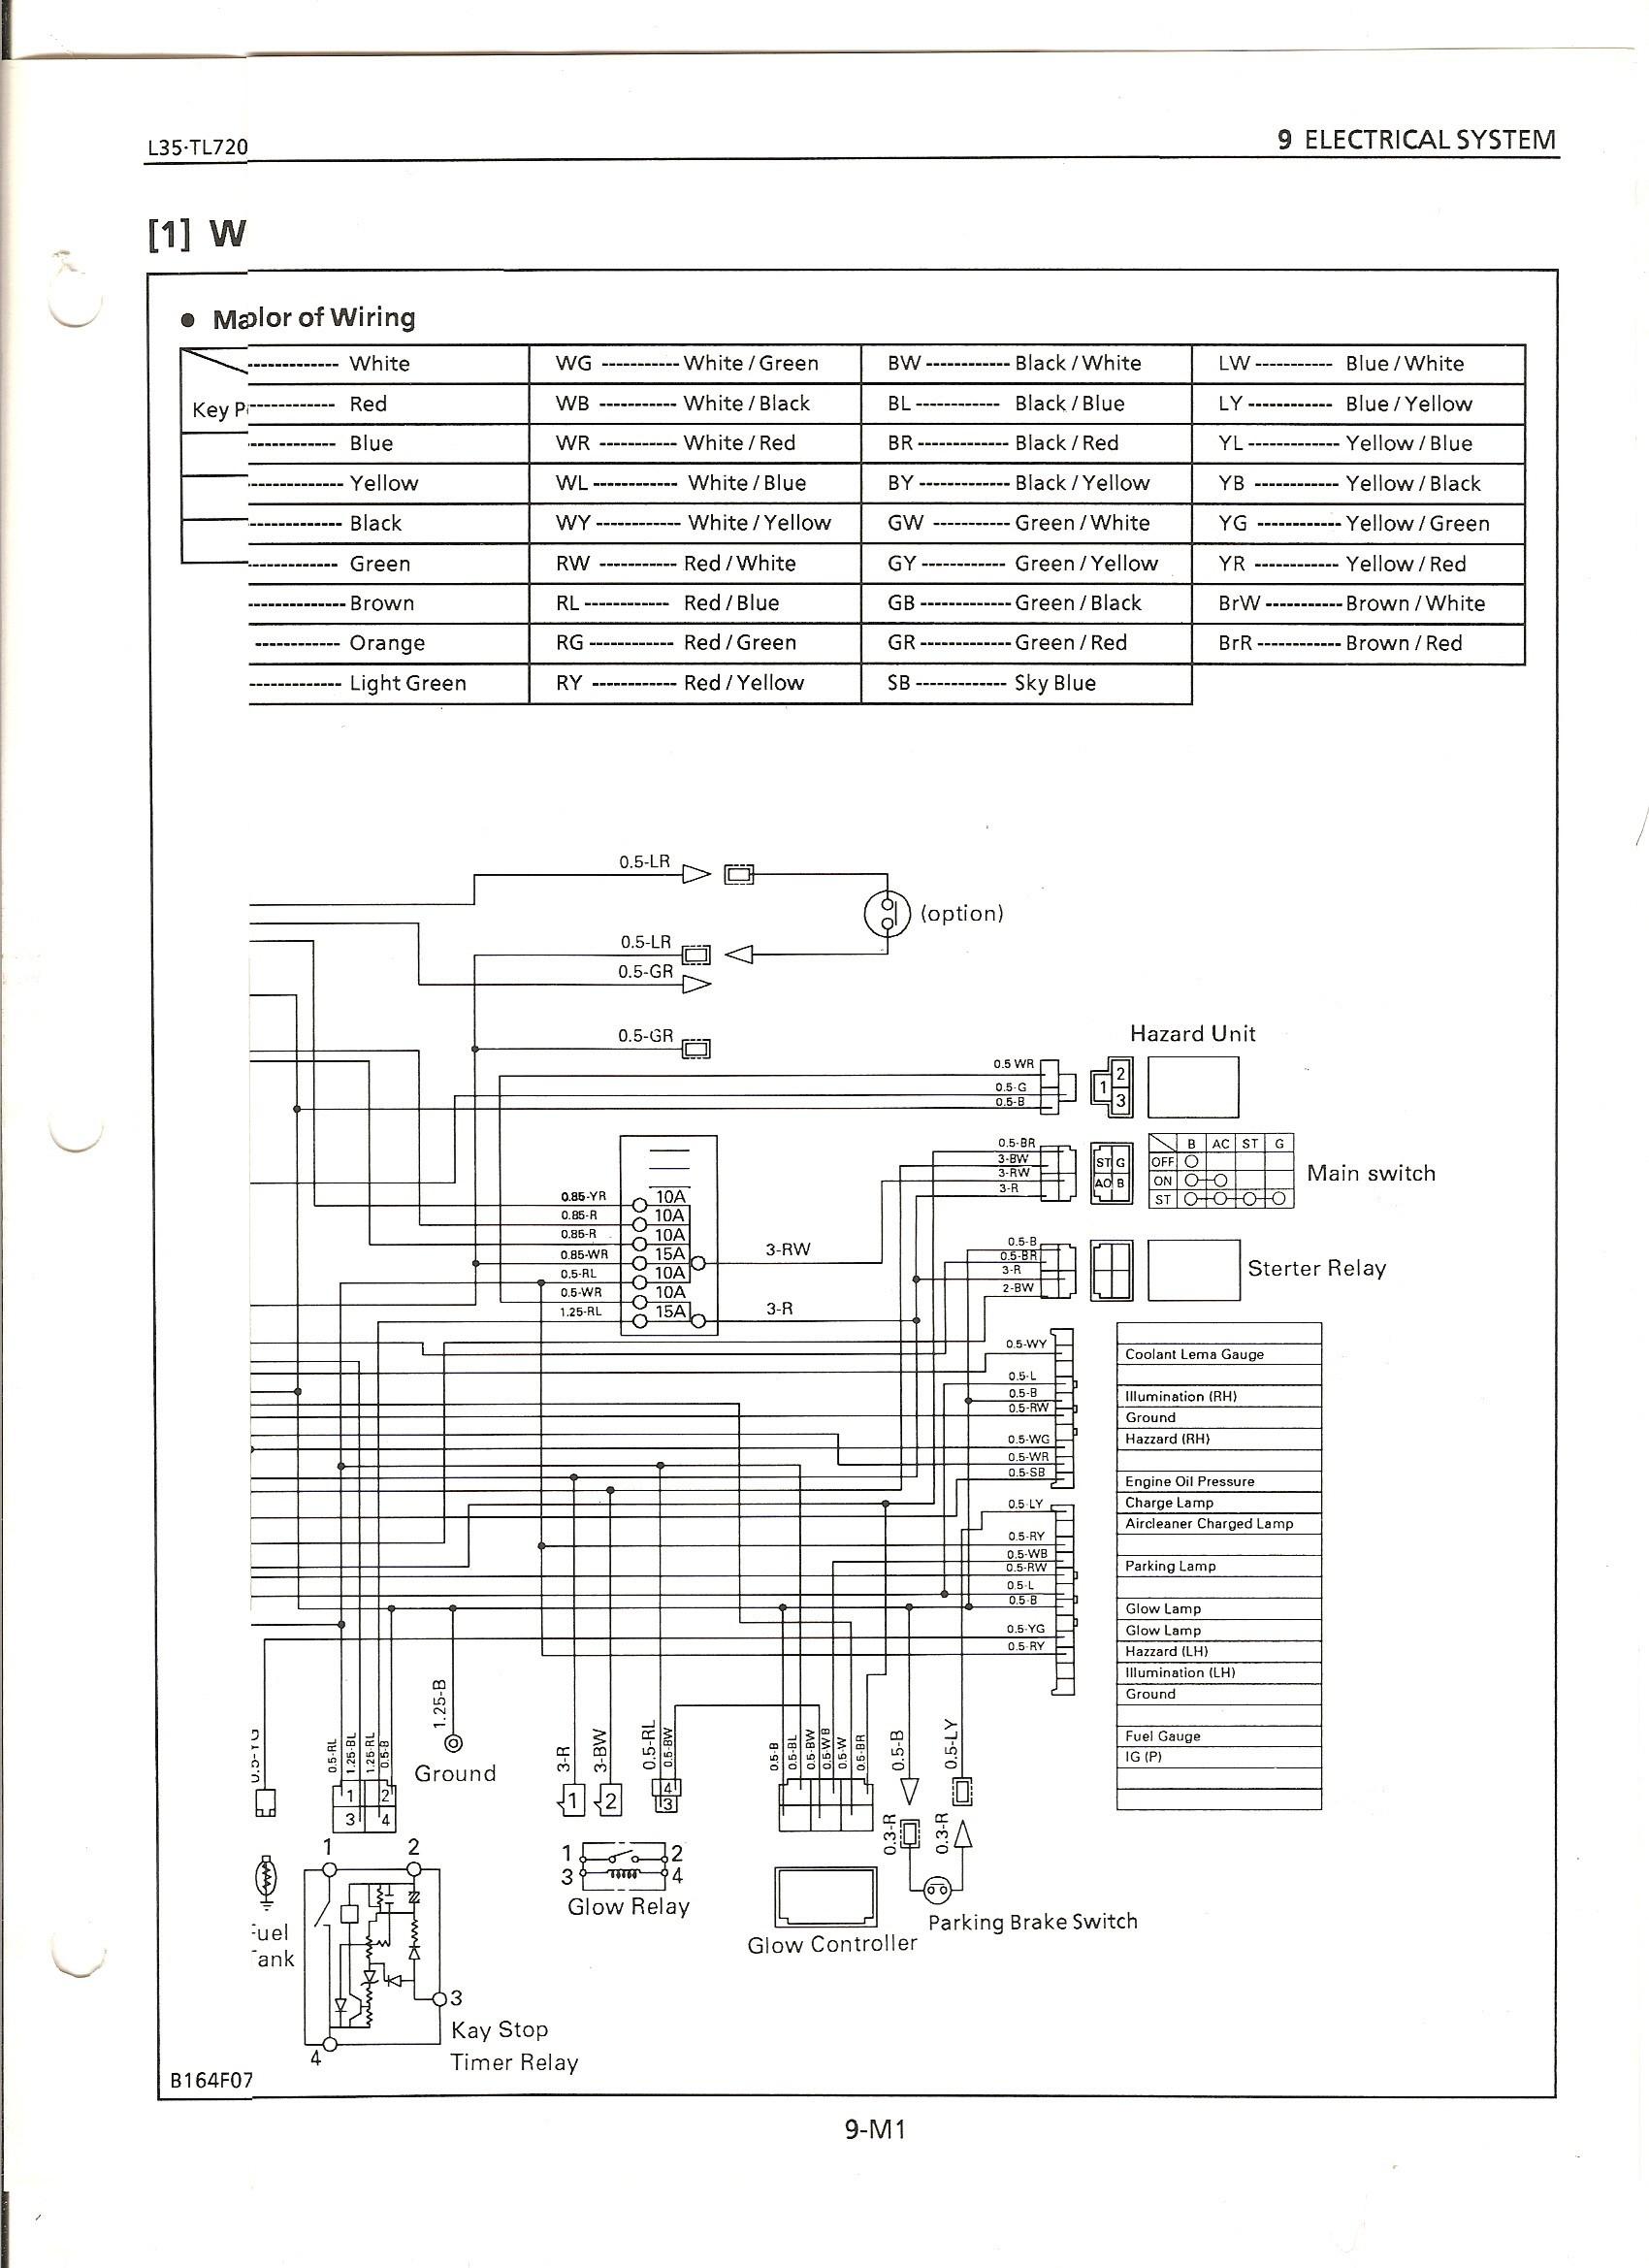 kubota generator wiring diagrams all wiring diagram Yard Machine Riding Mower Wiring Diagram